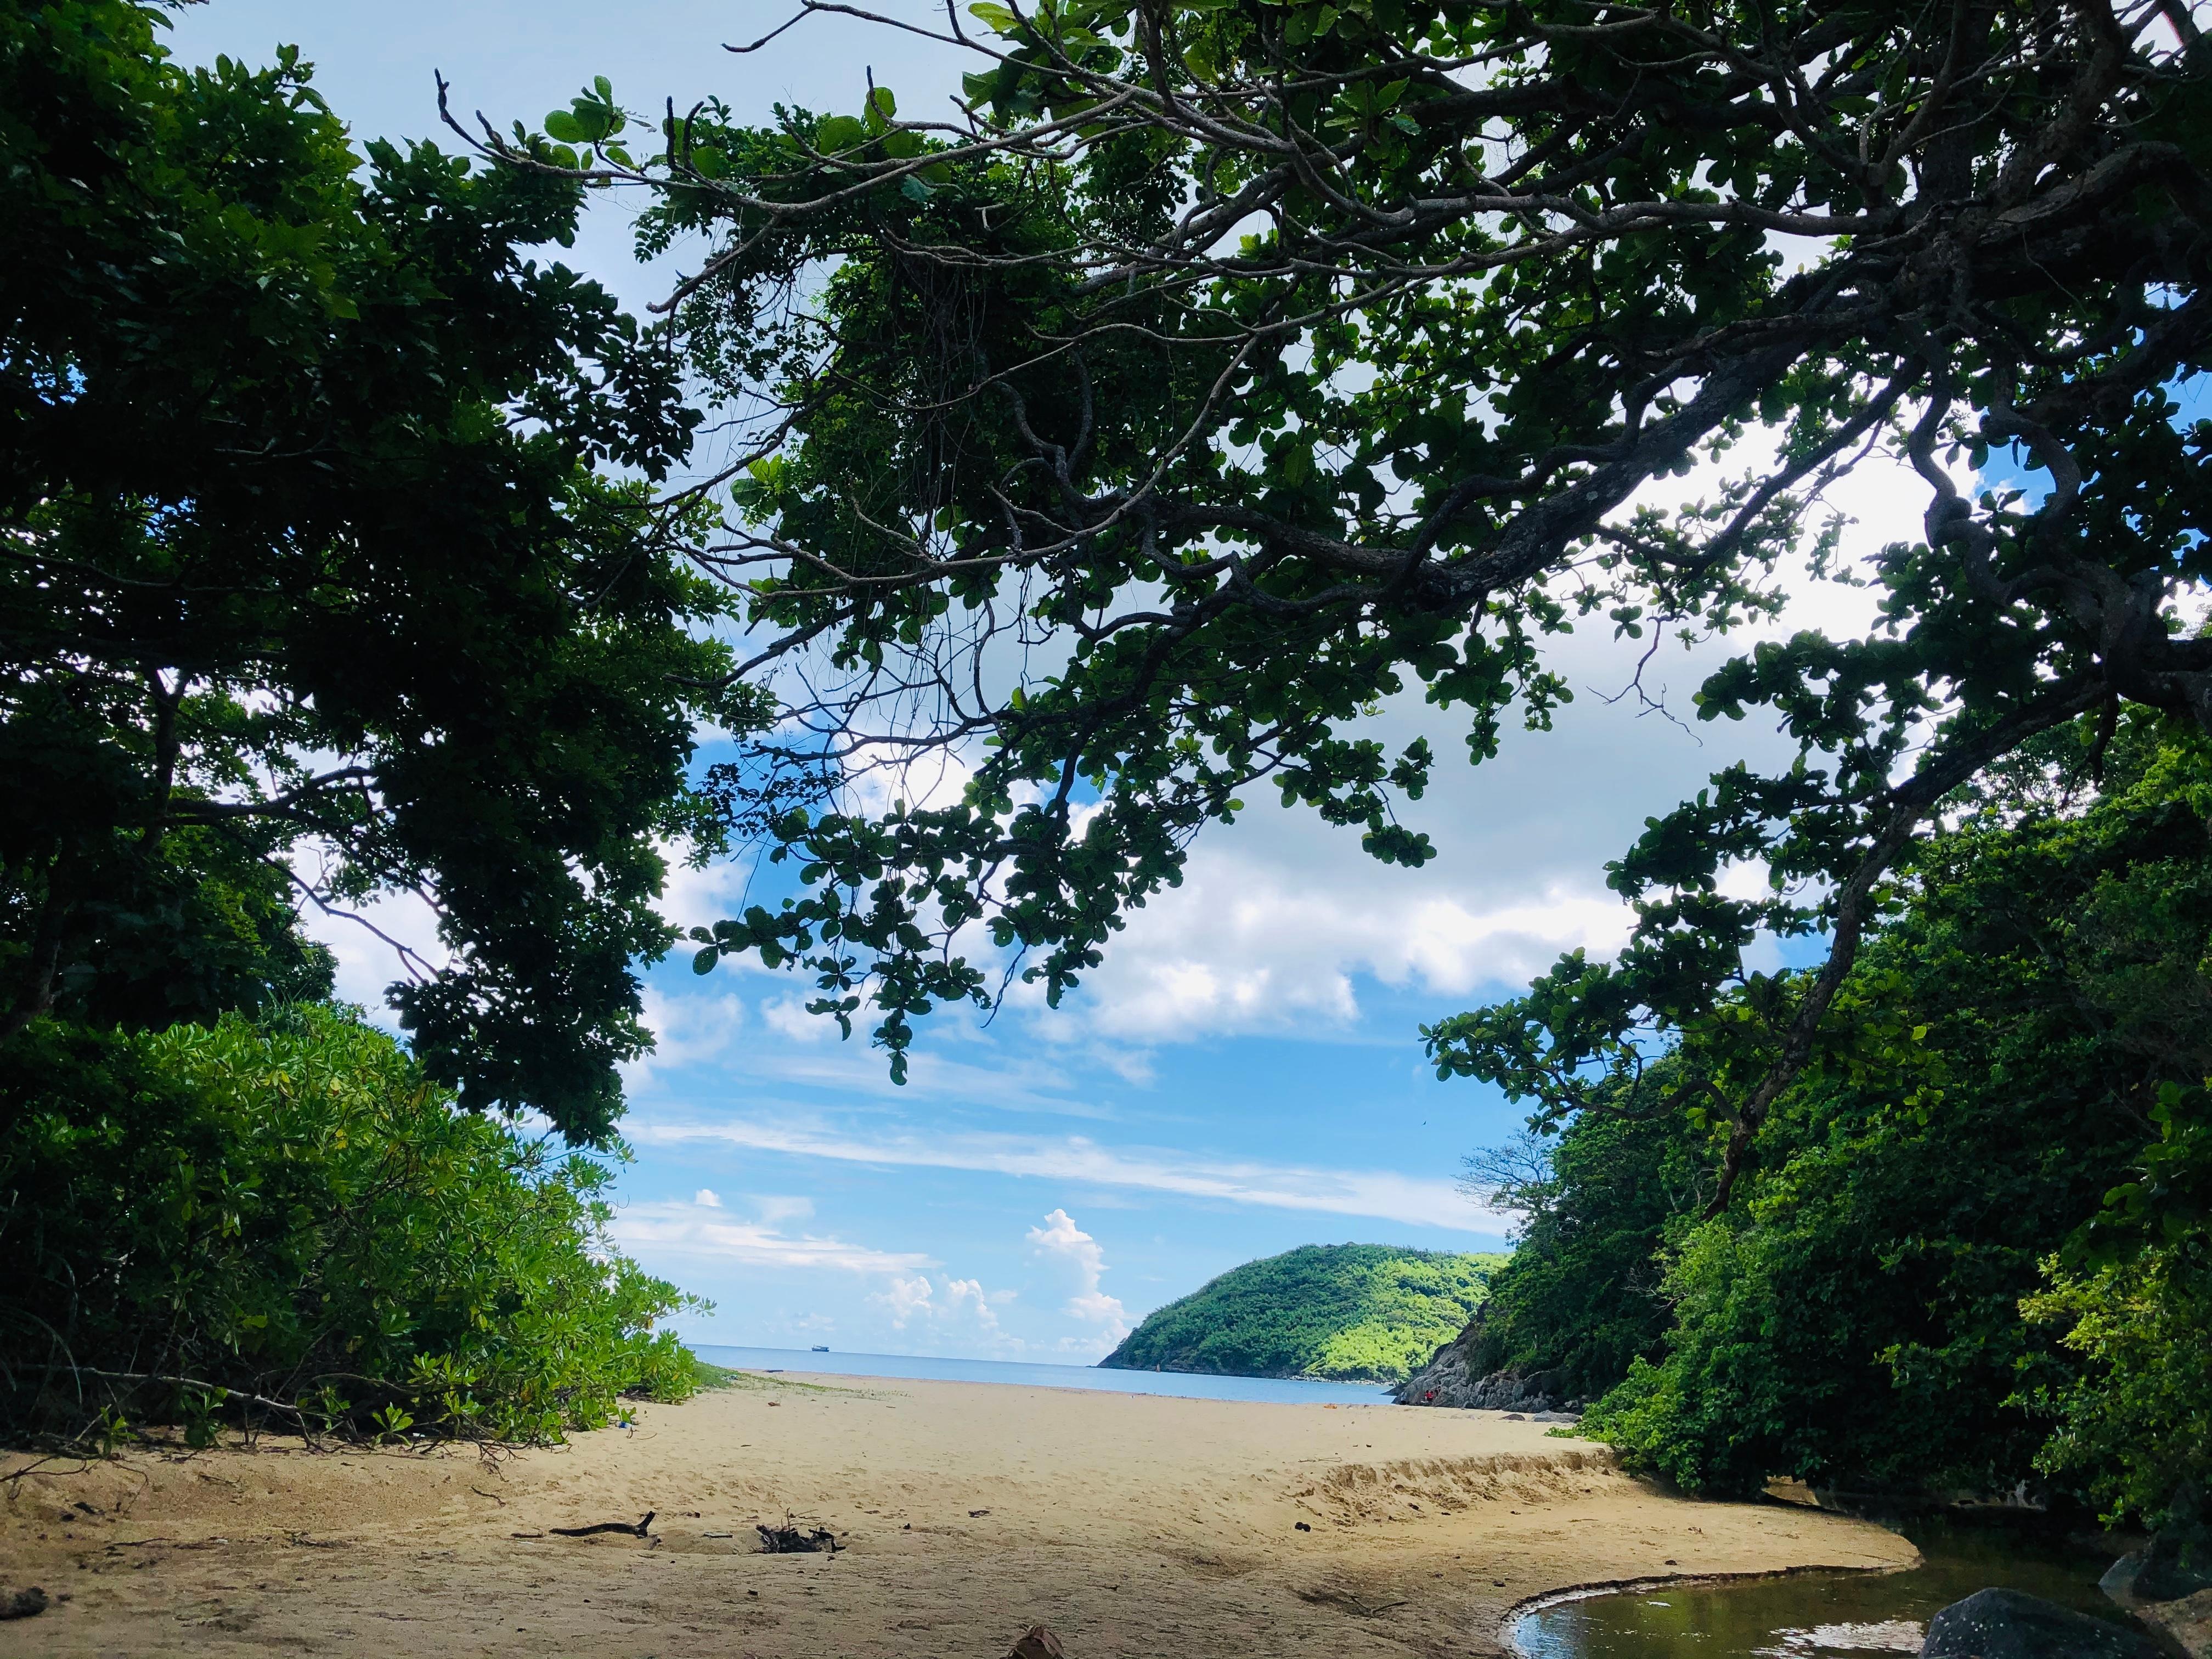 Điểm danh 15 địa điểm siêu đẹp ở Côn Đảo lên hình cực ảo - 40